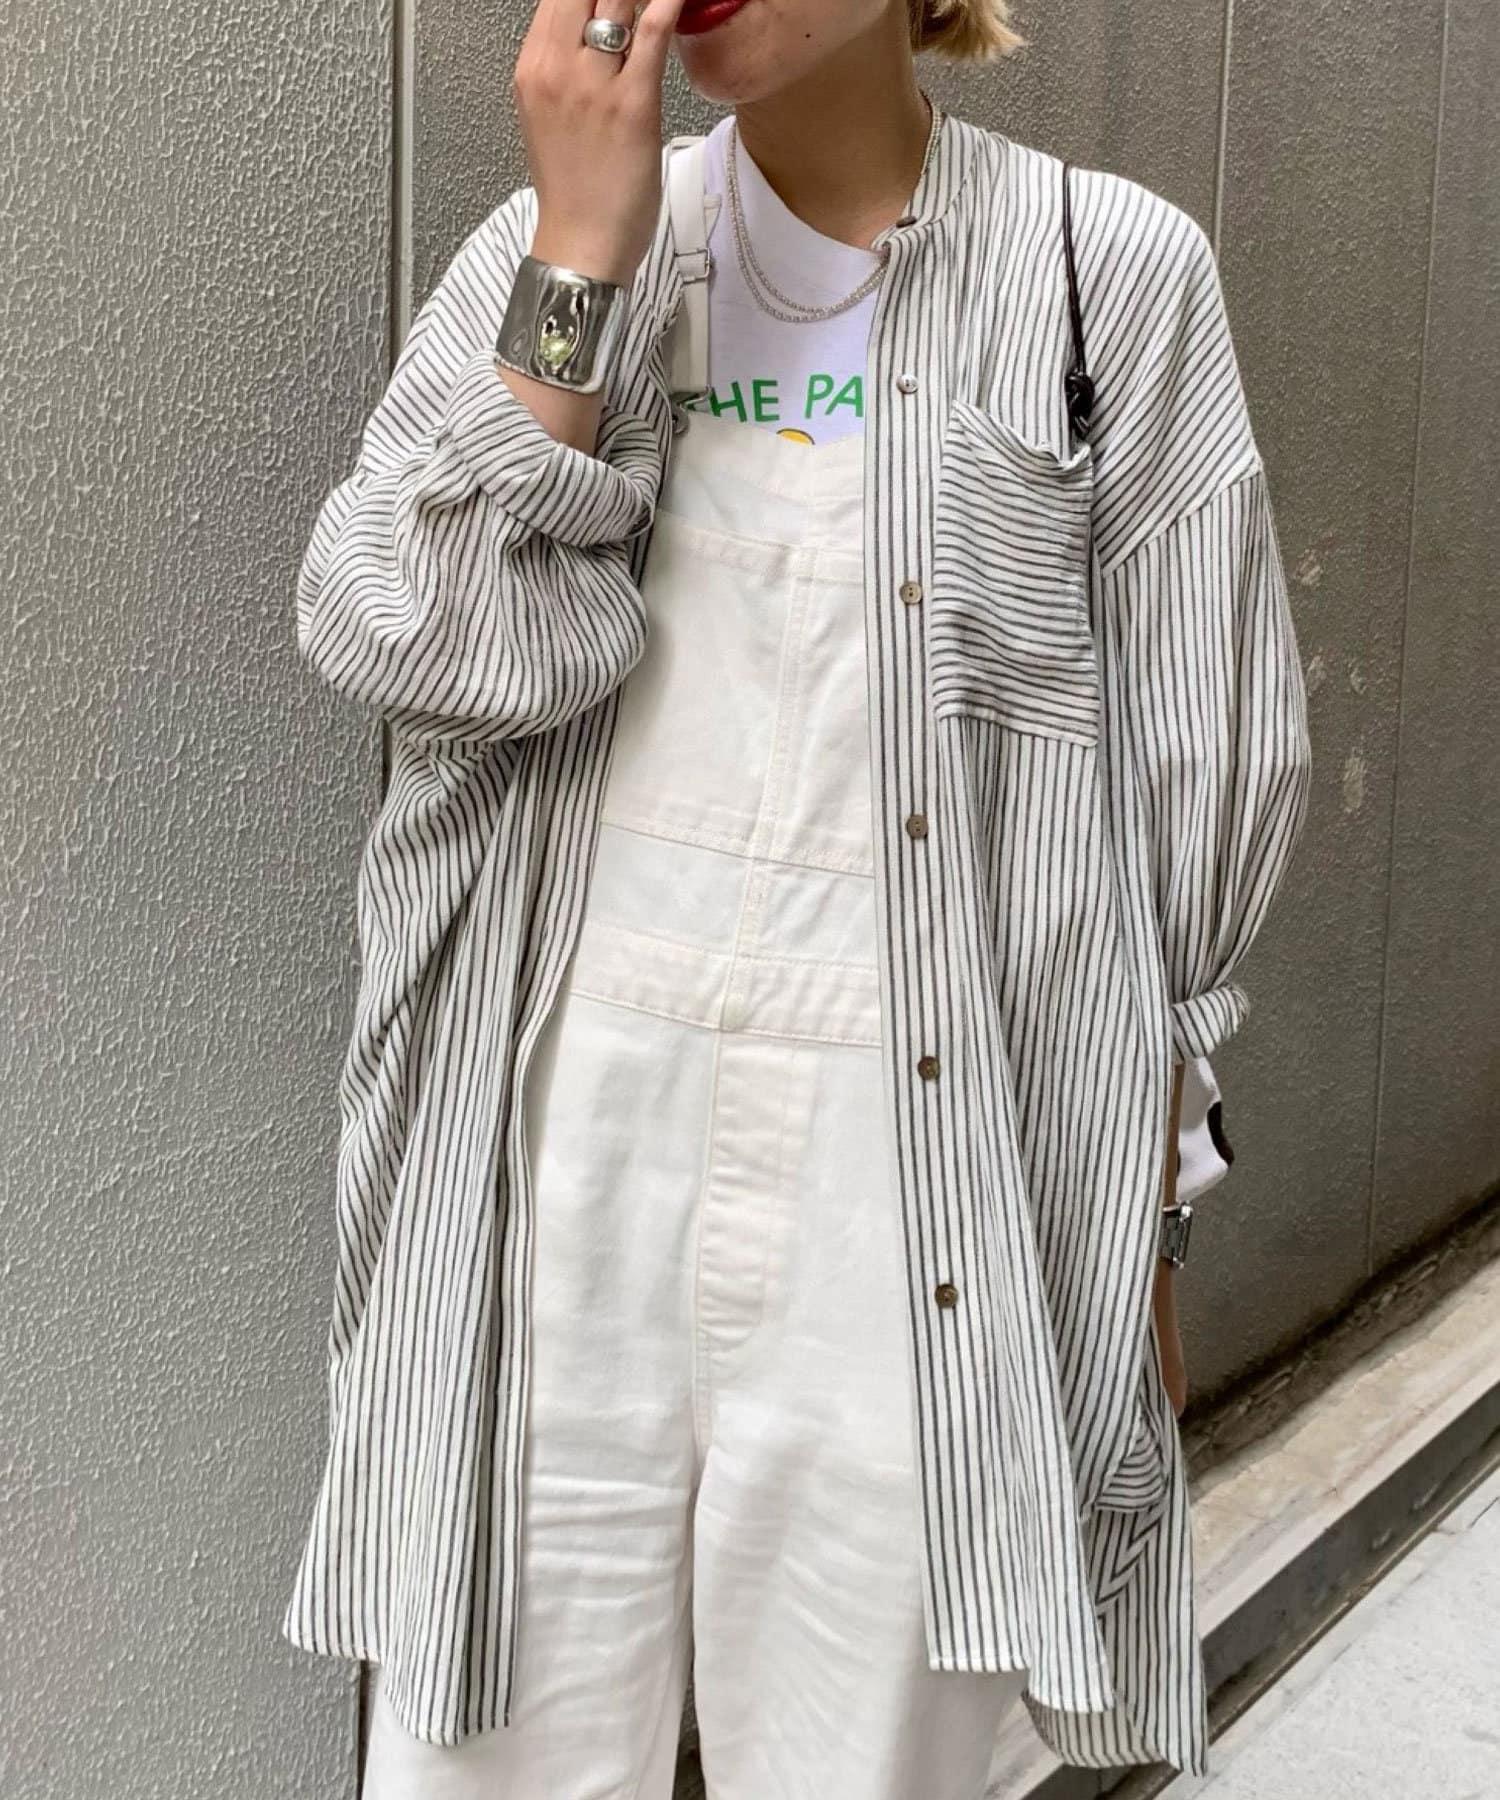 SHENERY(シーナリー) オーバーチュニックシャツ